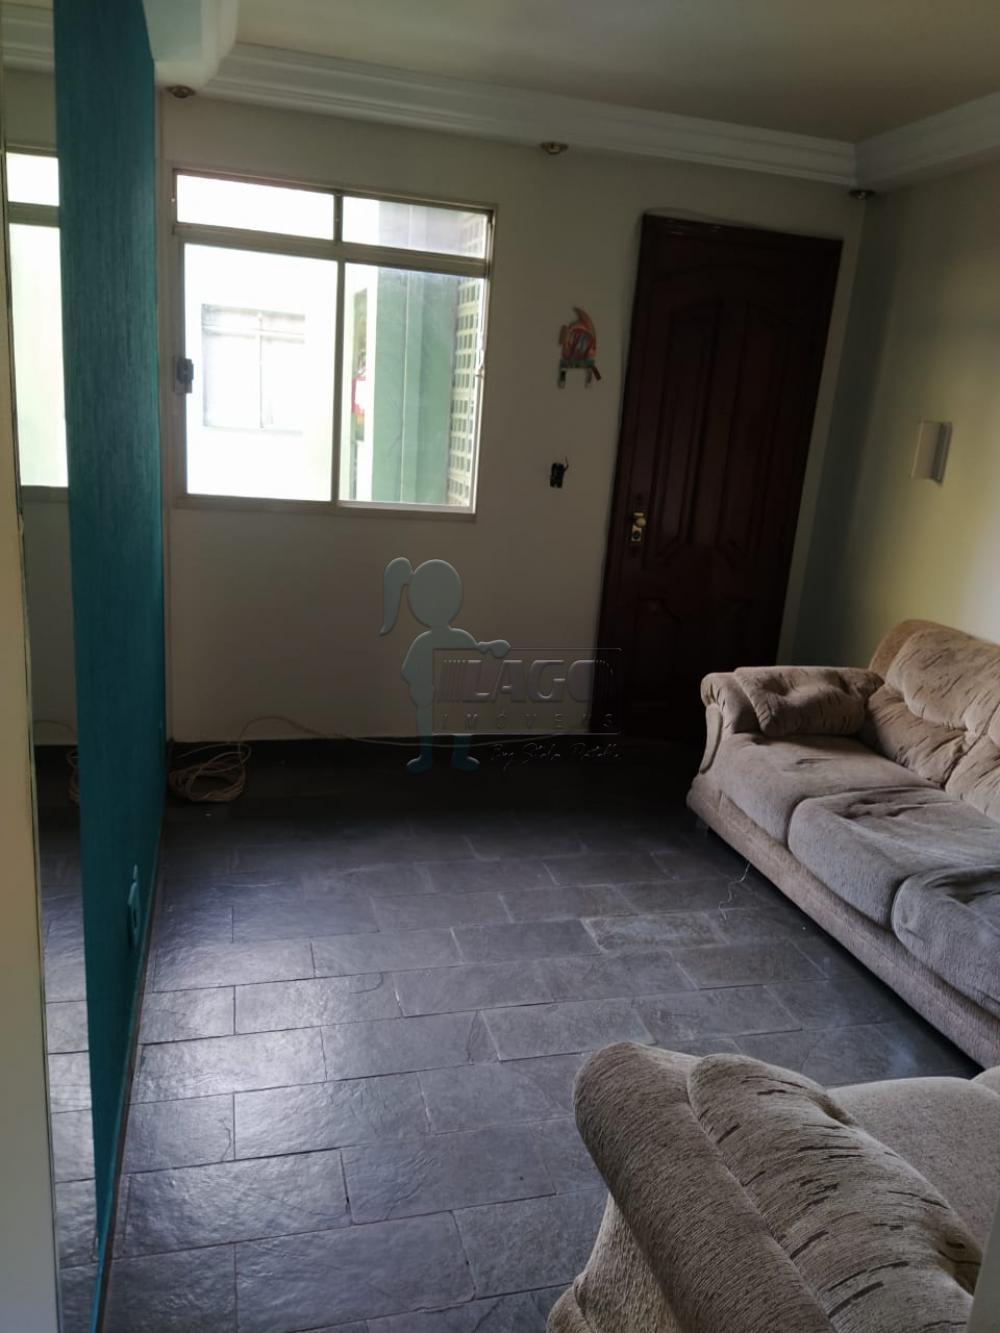 Comprar Apartamento / Padrão em Ribeirão Preto apenas R$ 130.000,00 - Foto 12